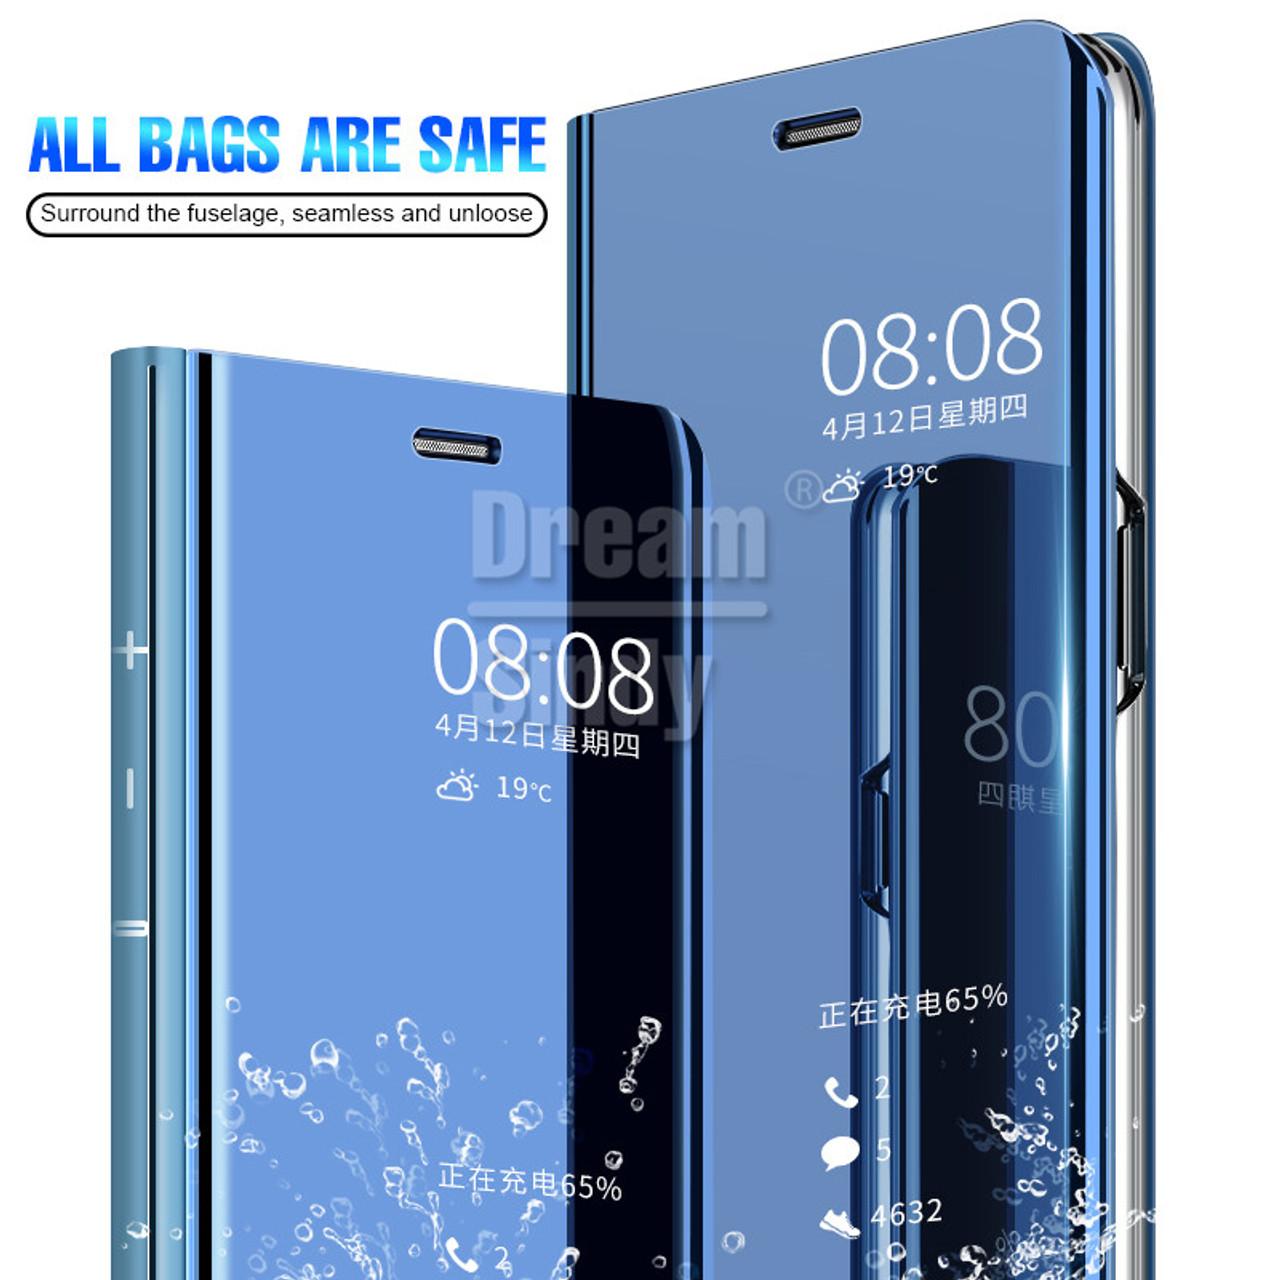 più recente 35c4e 84736 Luxury Mirror Flip Case For Huawei P20 Pro P20 Lite Mate 10 lite ...